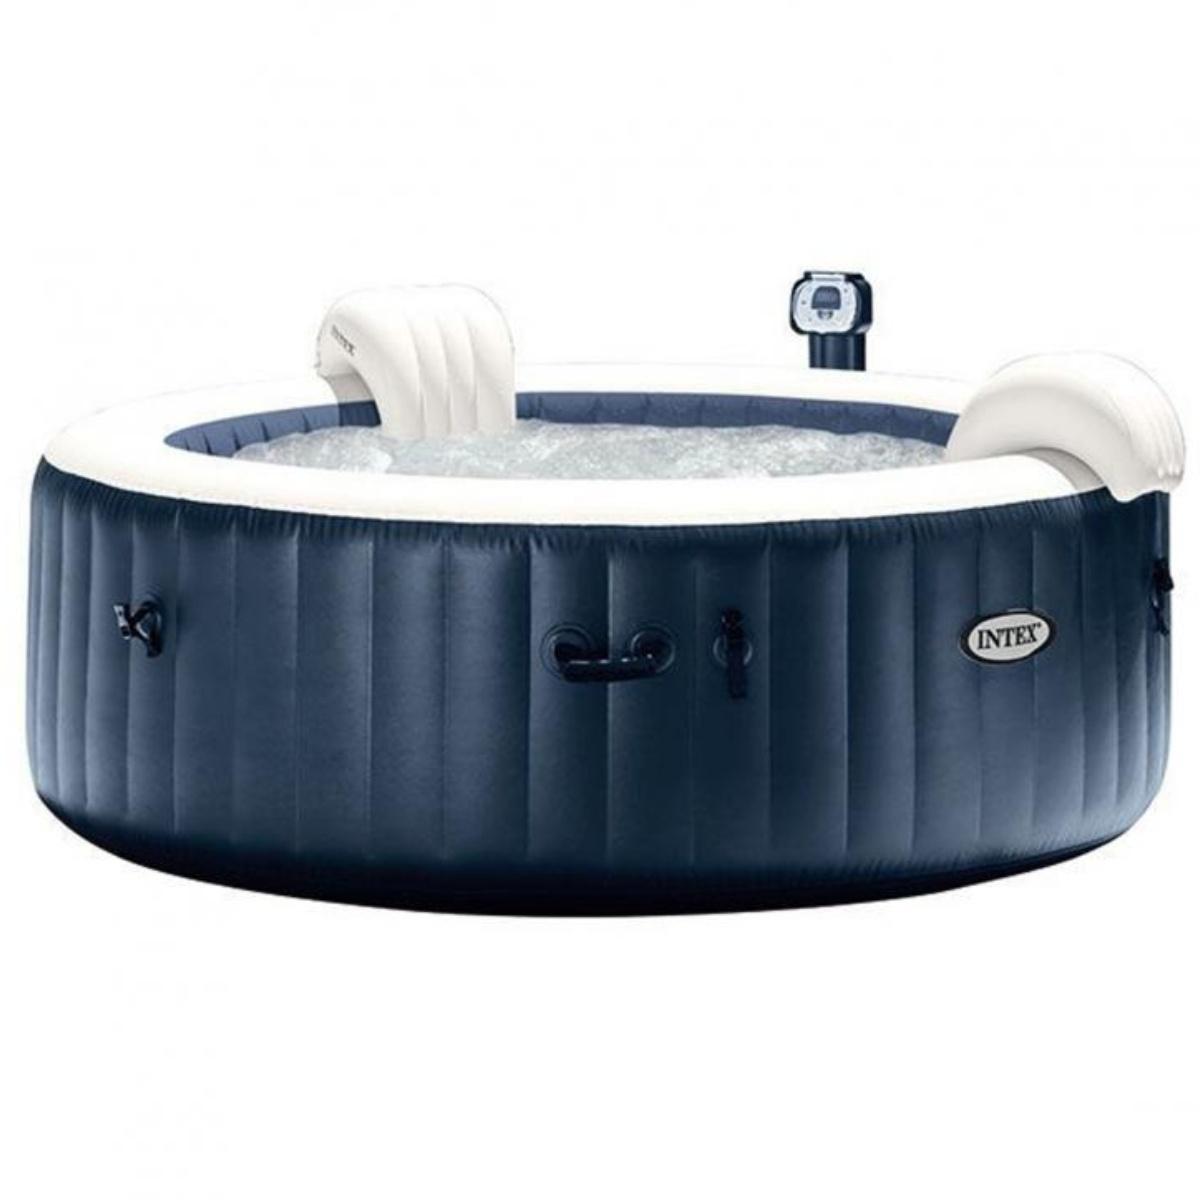 Vírivý bazén INTEX Bubble Massage Pure Spa Plus